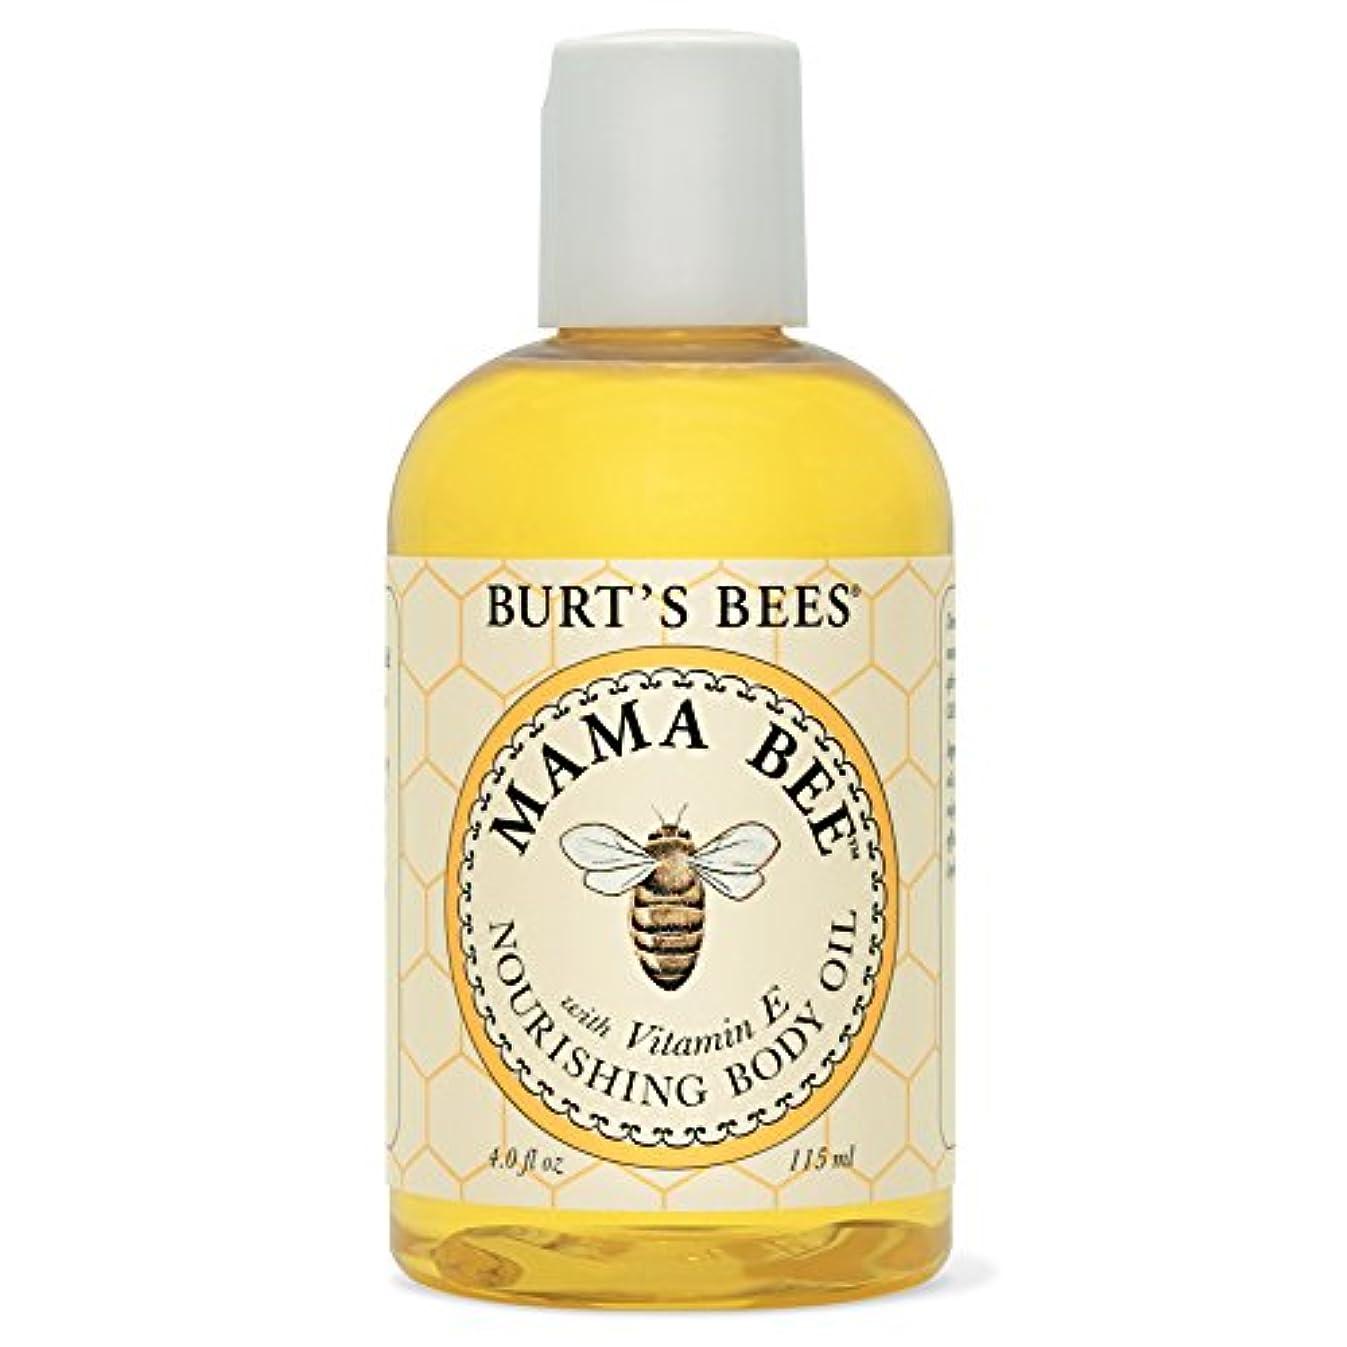 大西洋ヘビ強制バーツビーママ蜂栄養ボディオイル115ミリリットル (Burt's Bees) - Burt's Bees Mama Bee Nourishing Body Oil 115ml [並行輸入品]